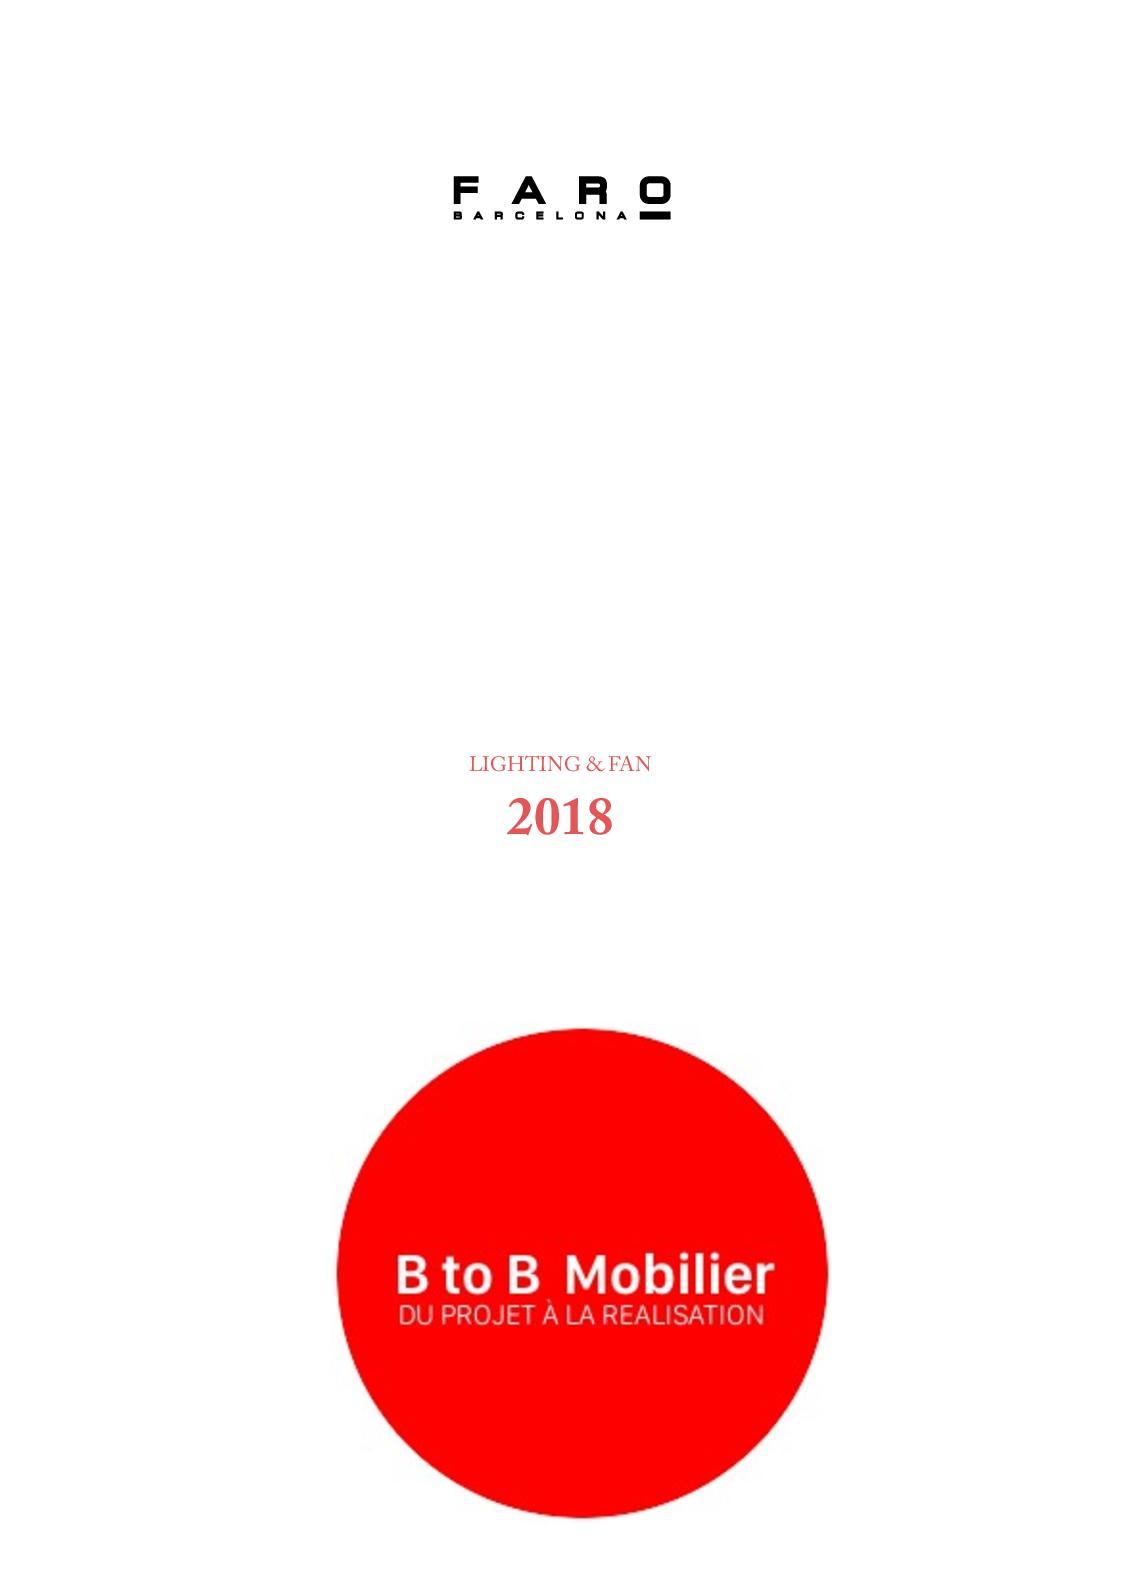 Mobilier Pvc Nouveau Calaméo Faro Btob Mobilier 2018 Of 39 Élégant Mobilier Pvc